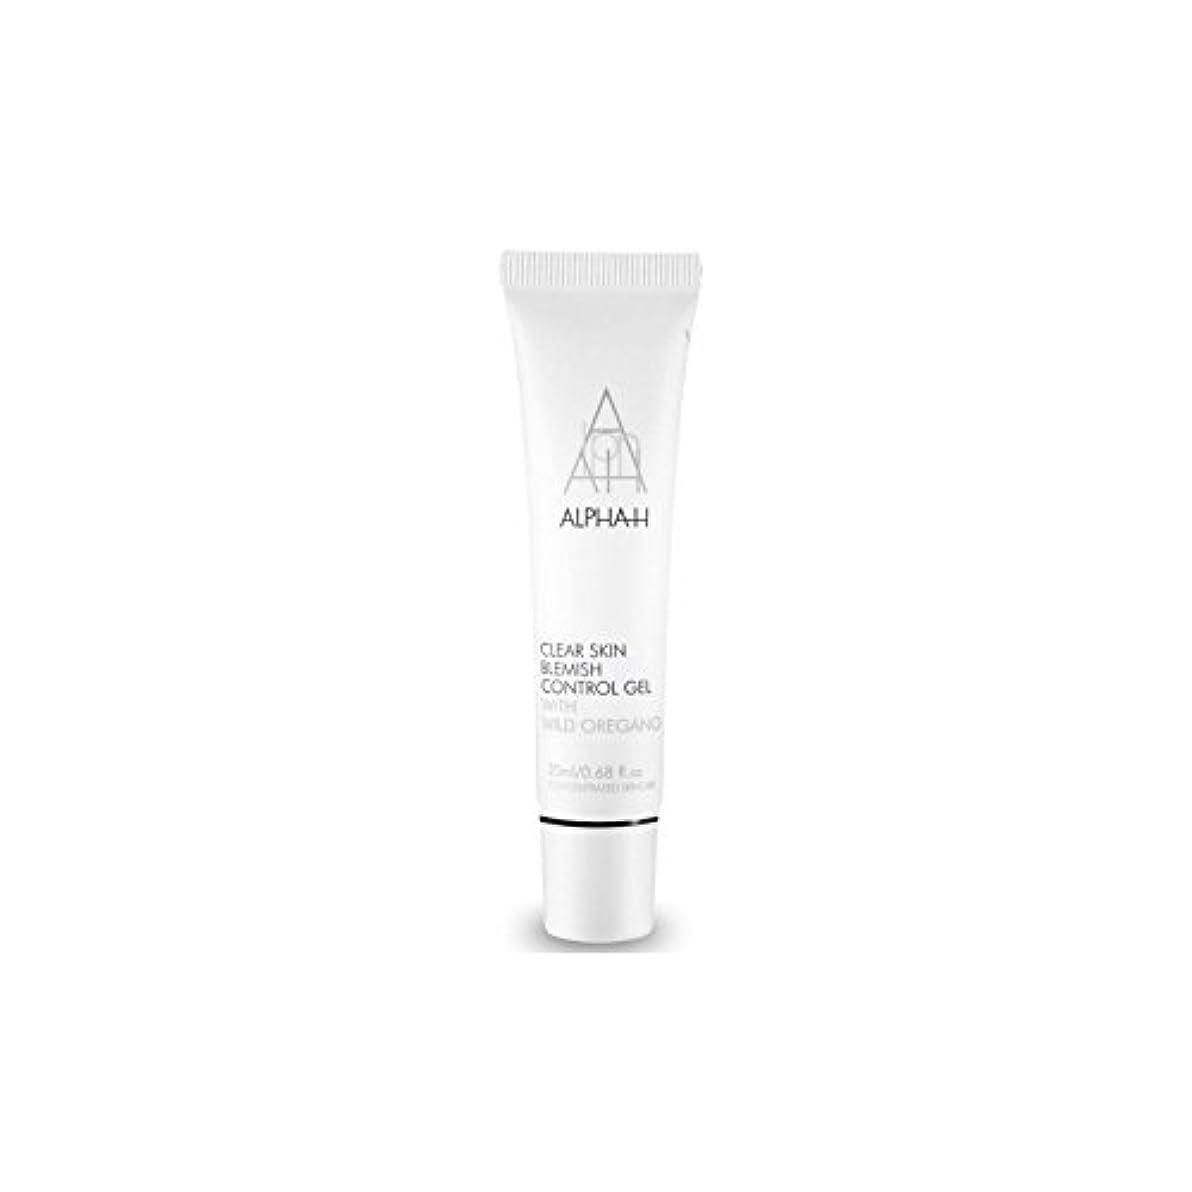 リアル良さ行動アルファクリア皮膚傷制御ゲル(20)中 x4 - Alpha-H Clear Skin Blemish Control Gel (20ml) (Pack of 4) [並行輸入品]